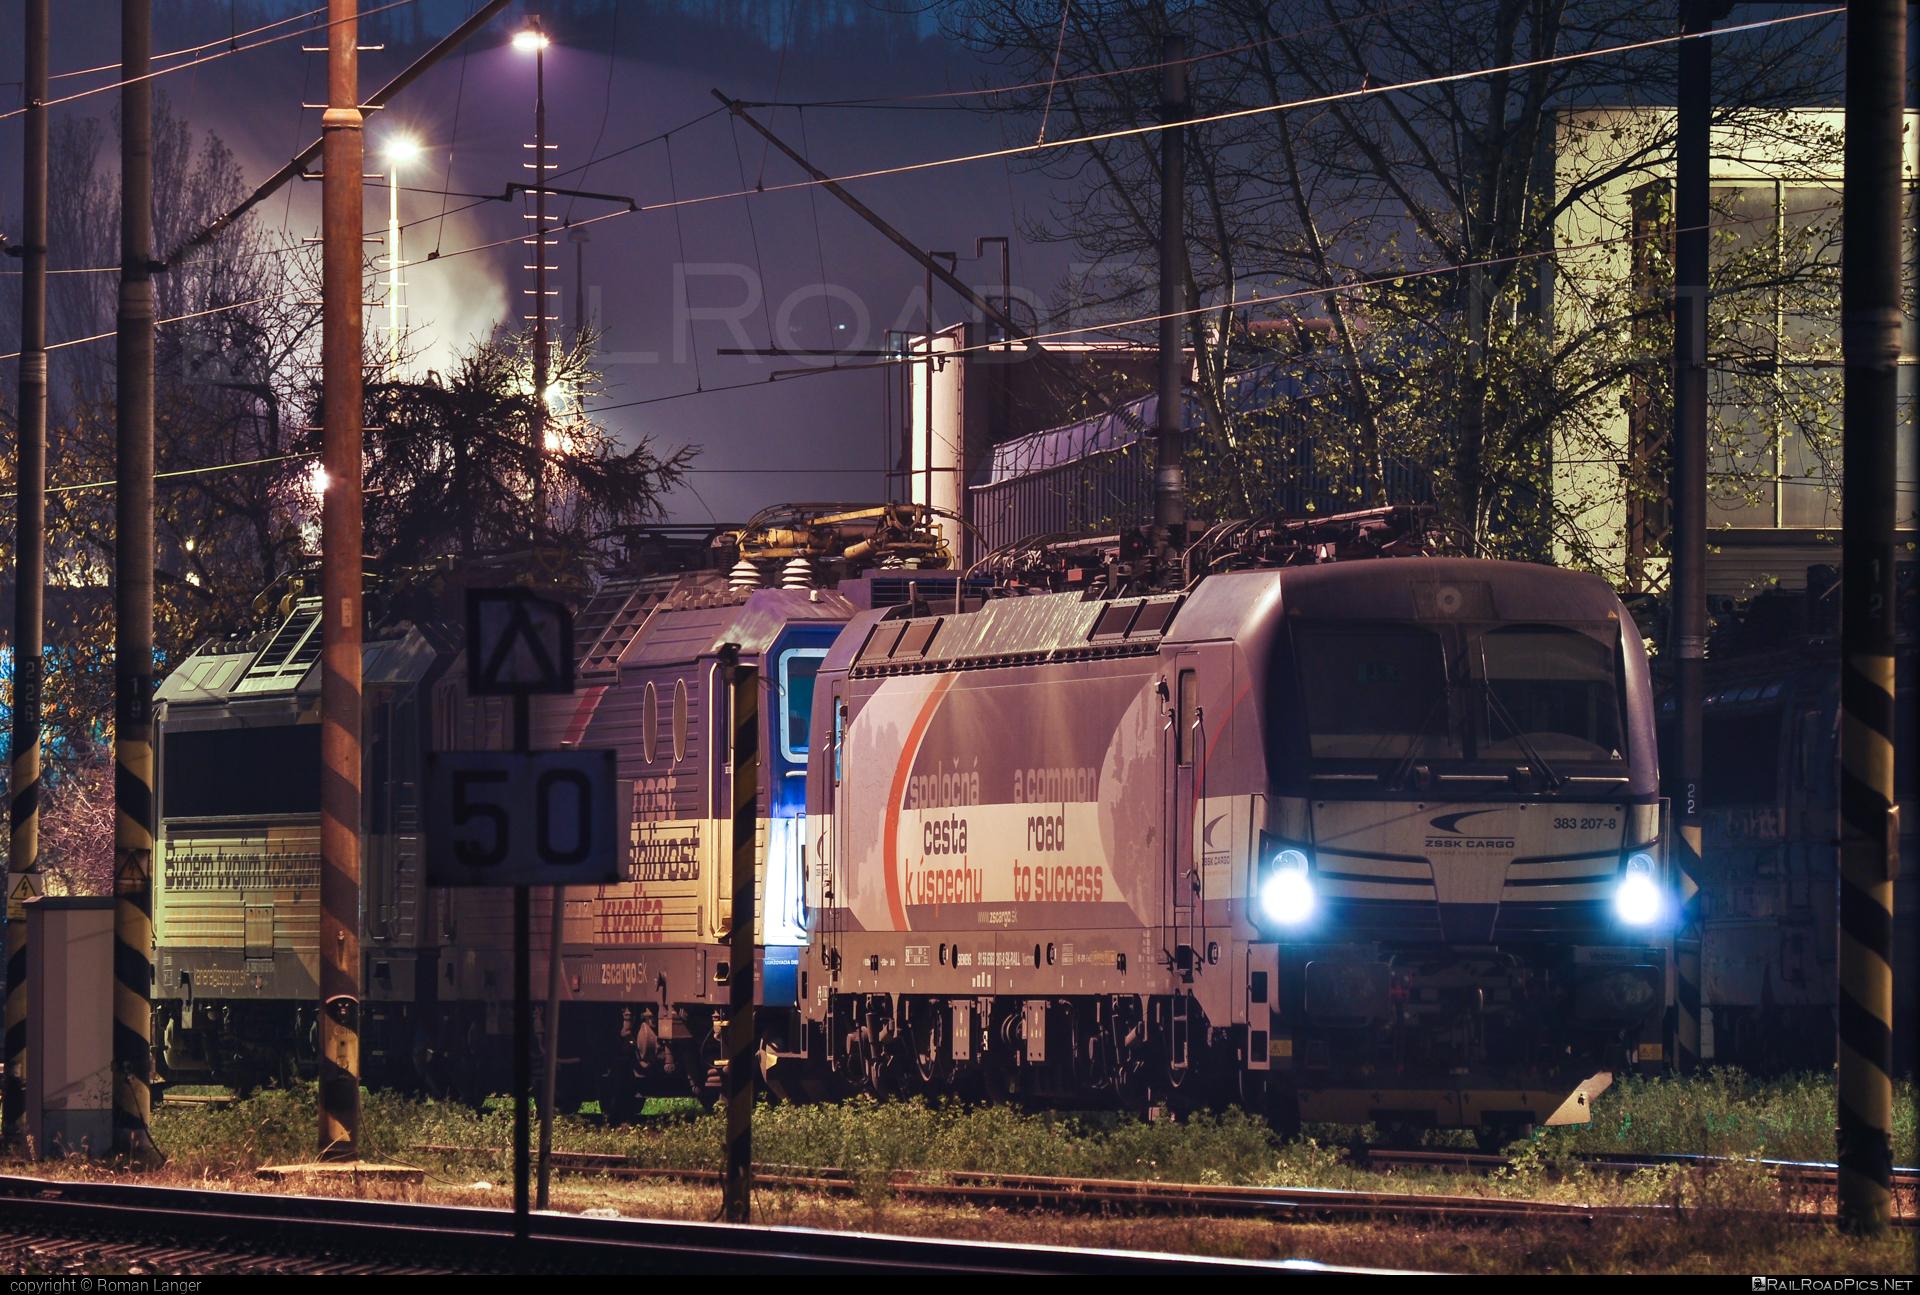 Siemens Vectron MS - 383 207-8 operated by Železničná Spoločnost' Cargo Slovakia a.s. #SRailLease #SRailLeaseSro #ZeleznicnaSpolocnostCargoSlovakia #raill #siemens #siemensvectron #siemensvectronms #vectron #vectronms #zsskcargo